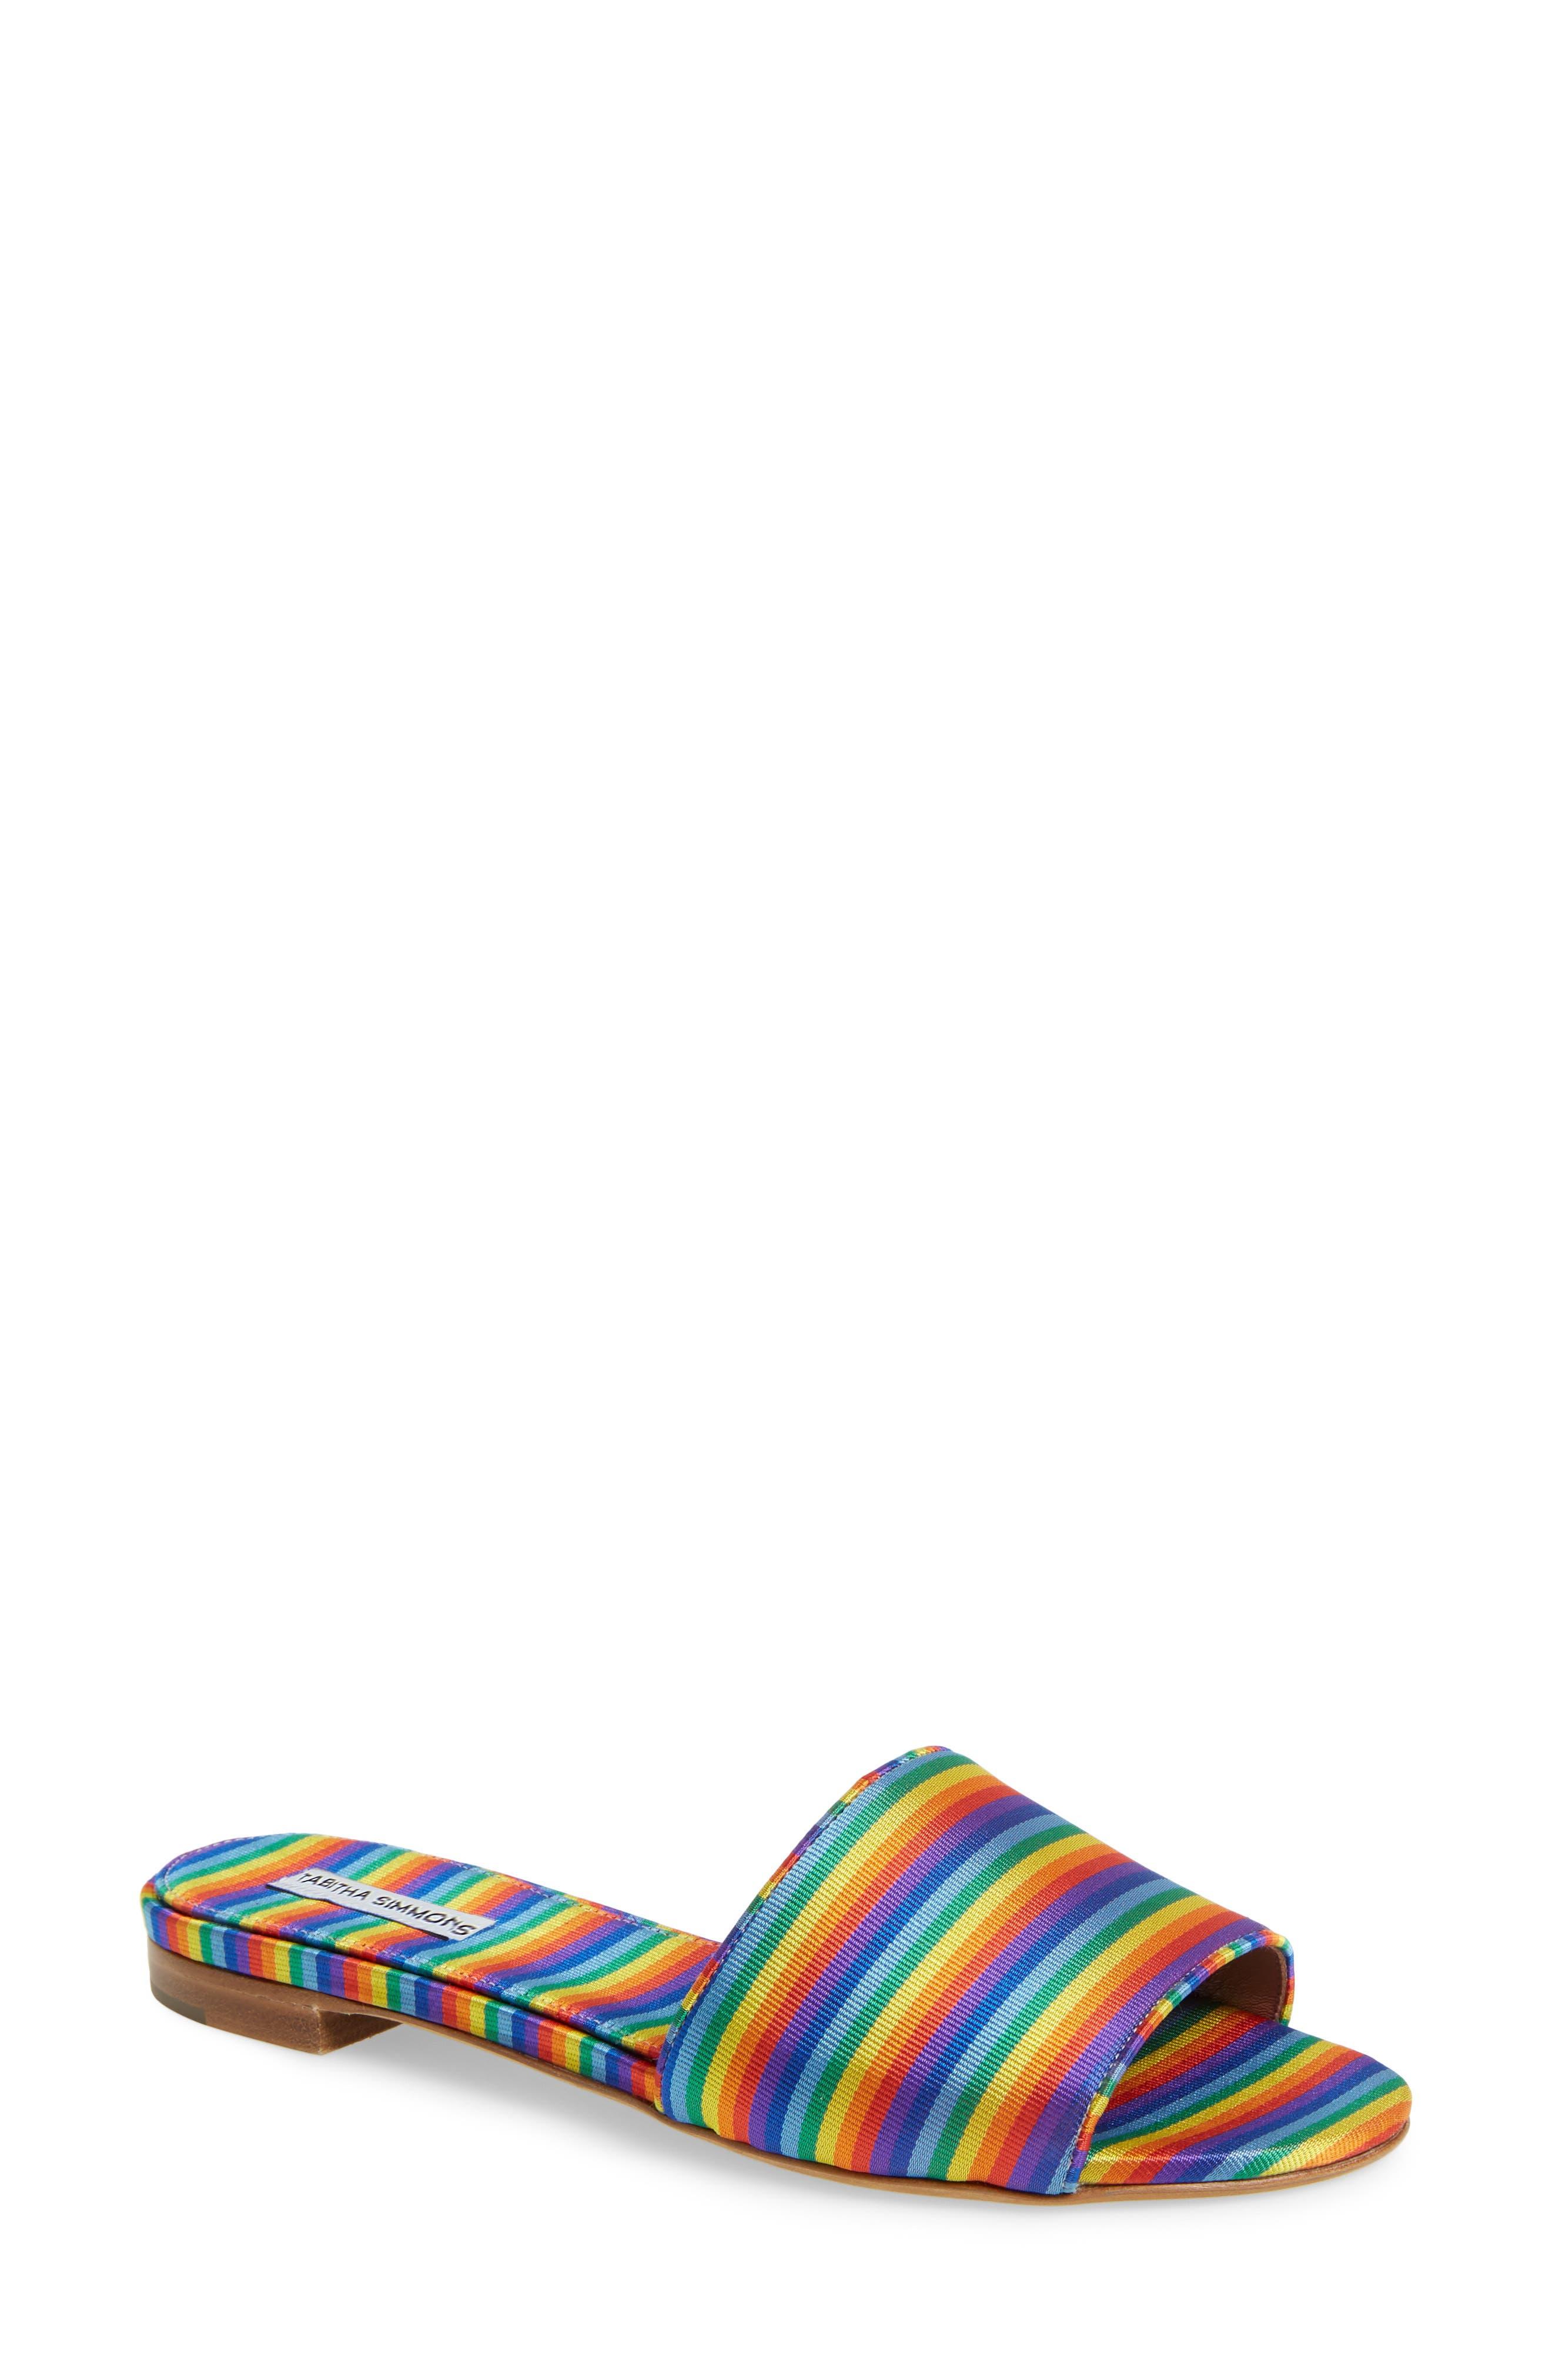 Main Image - Tabitha Simmons Sprinkles Slide Sandal (Women)